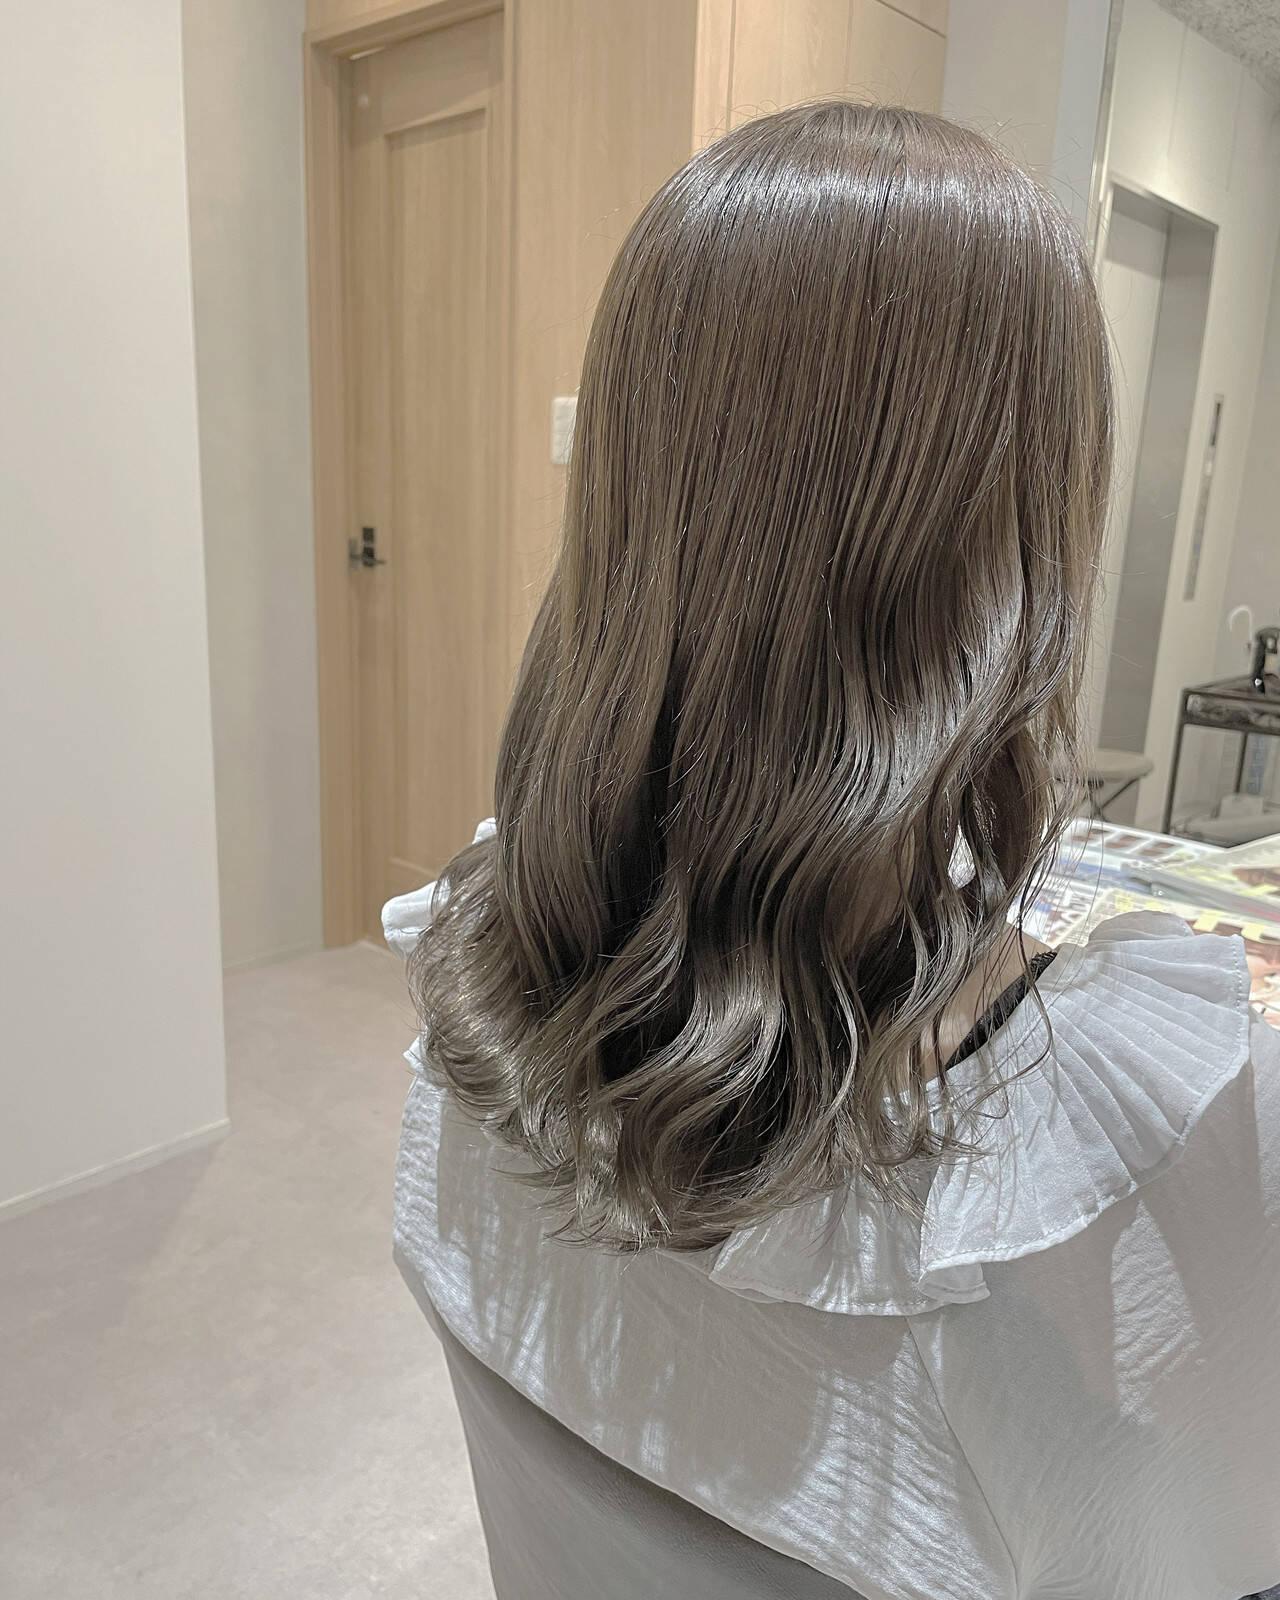 韓国 透明感カラー ヘアカラー ナチュラルヘアスタイルや髪型の写真・画像